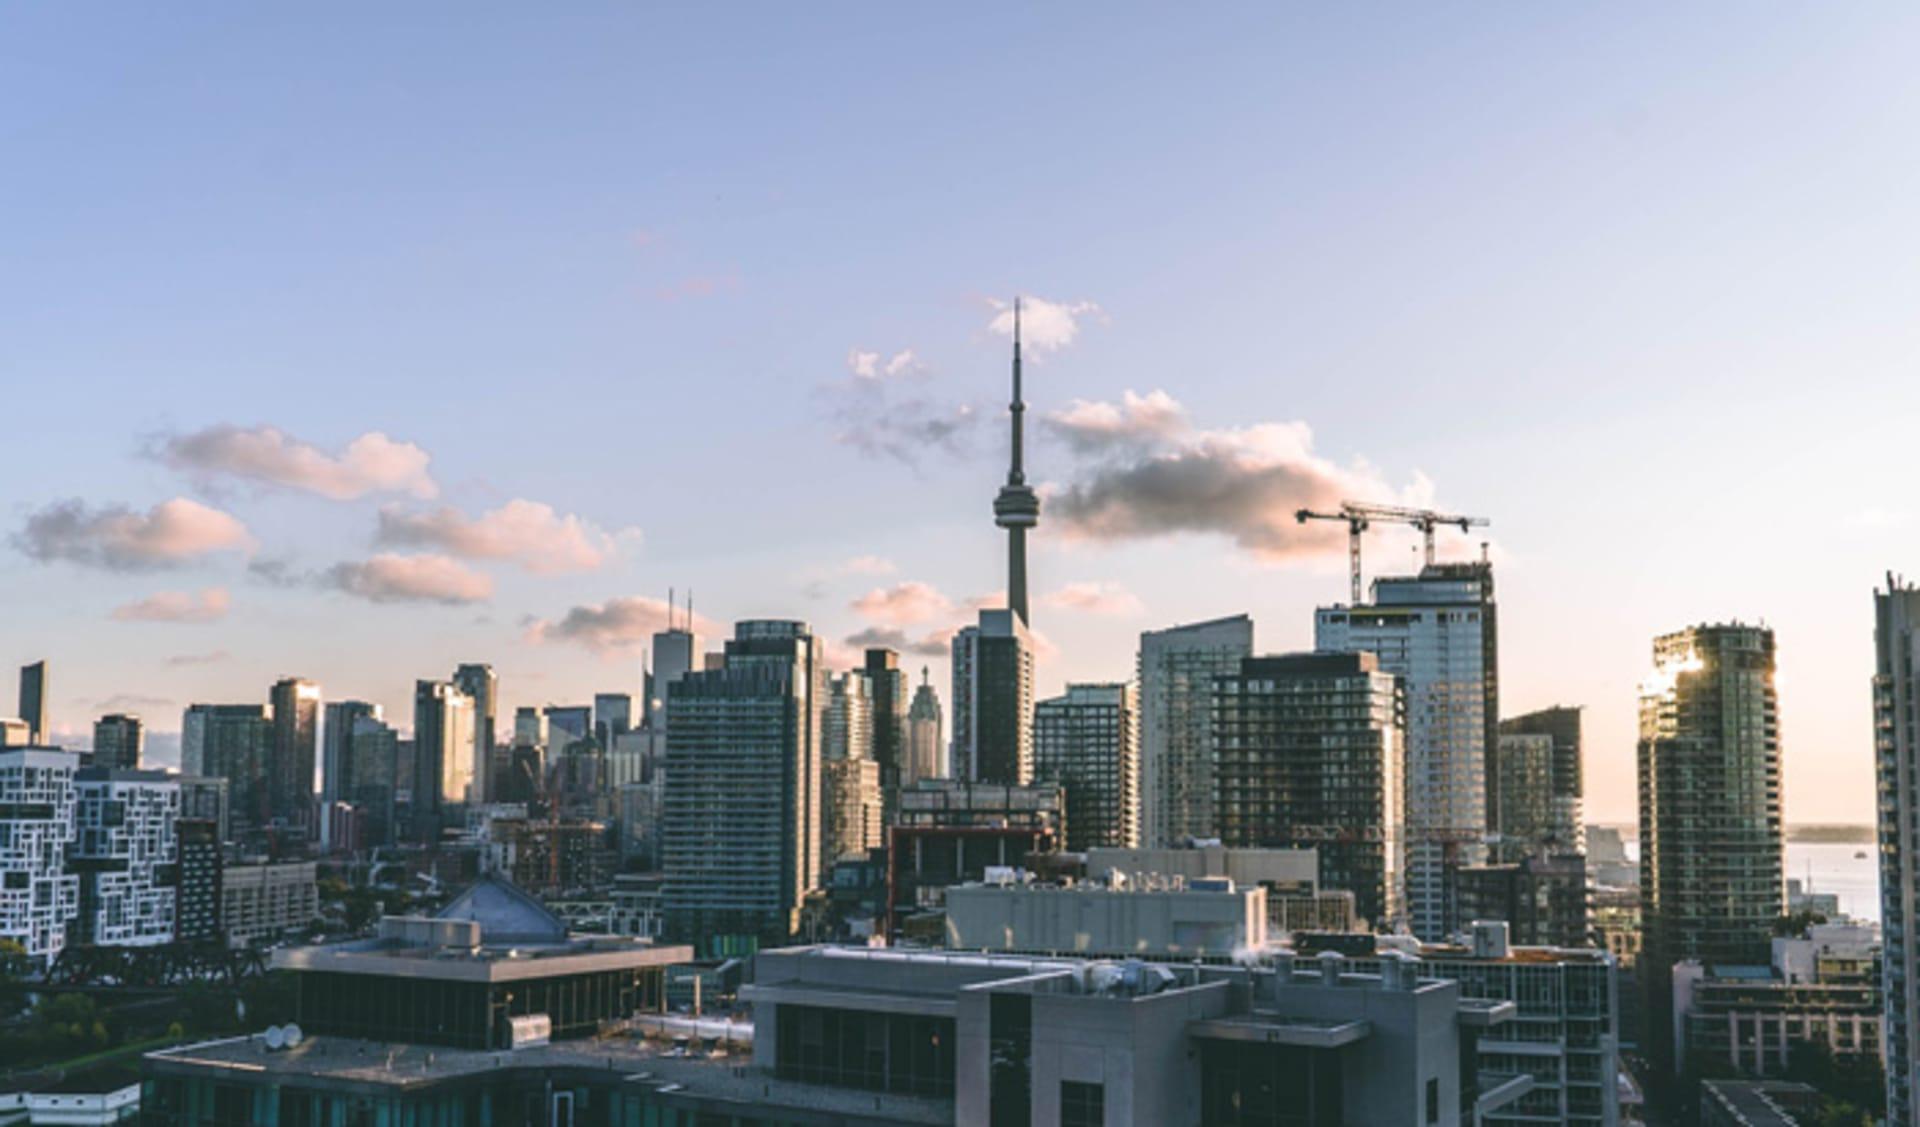 Evening sky over Toronto